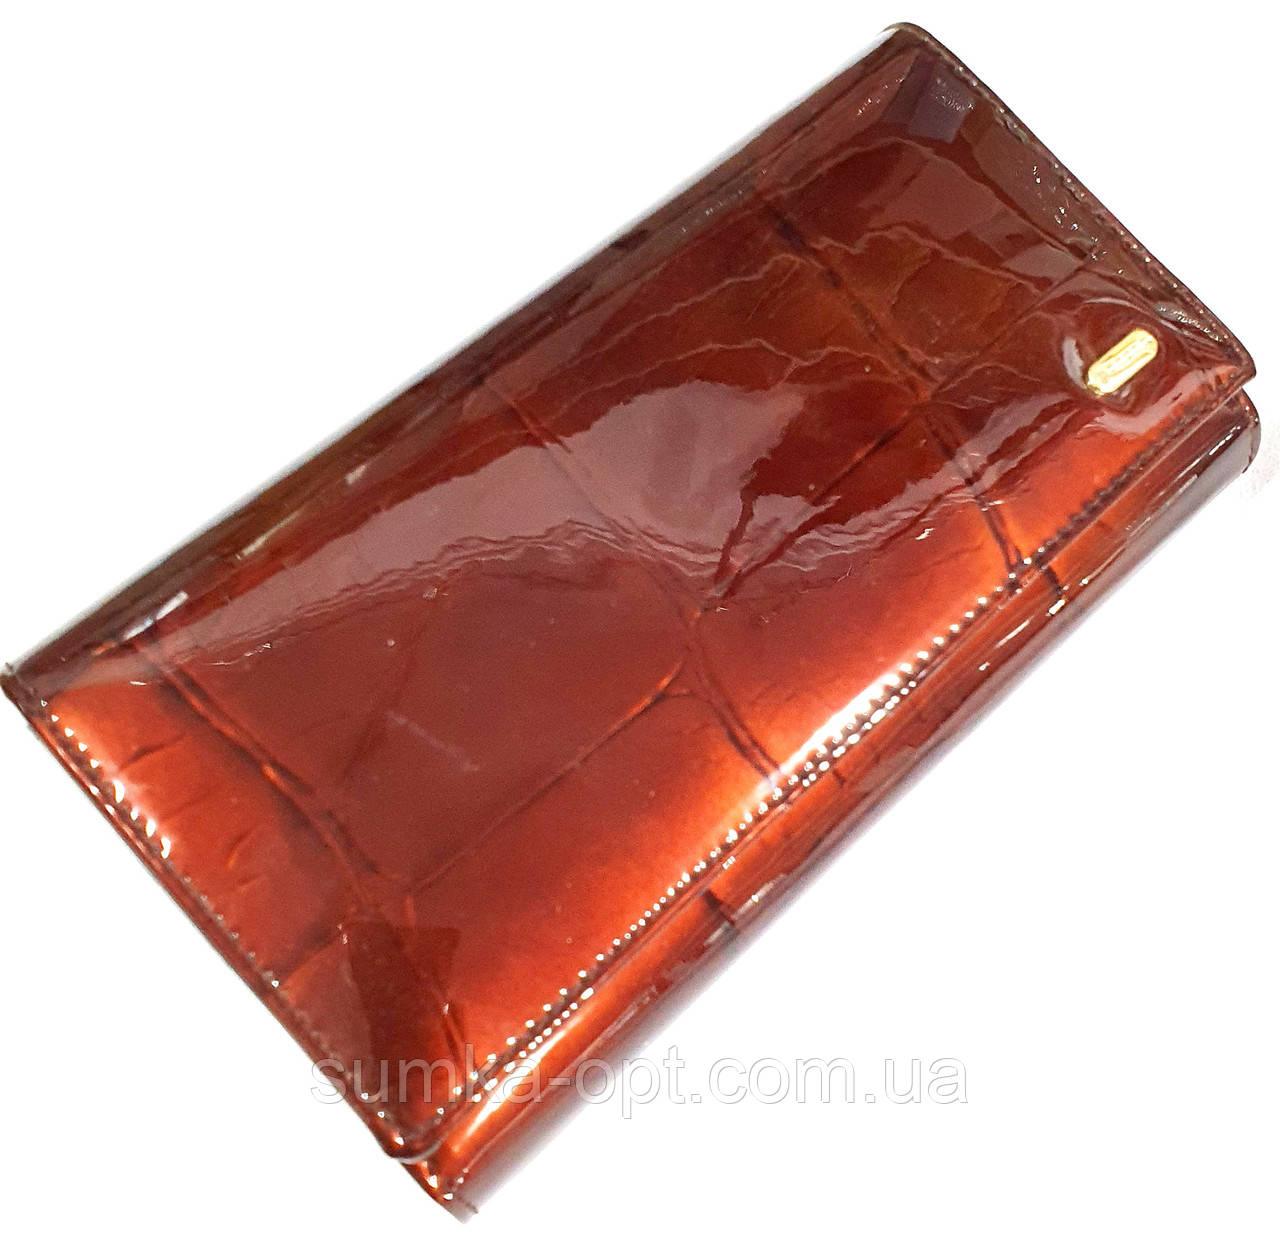 Женский кожаный лаковый кошелек Danica на кнопке (монетница внутри) и с визитницей